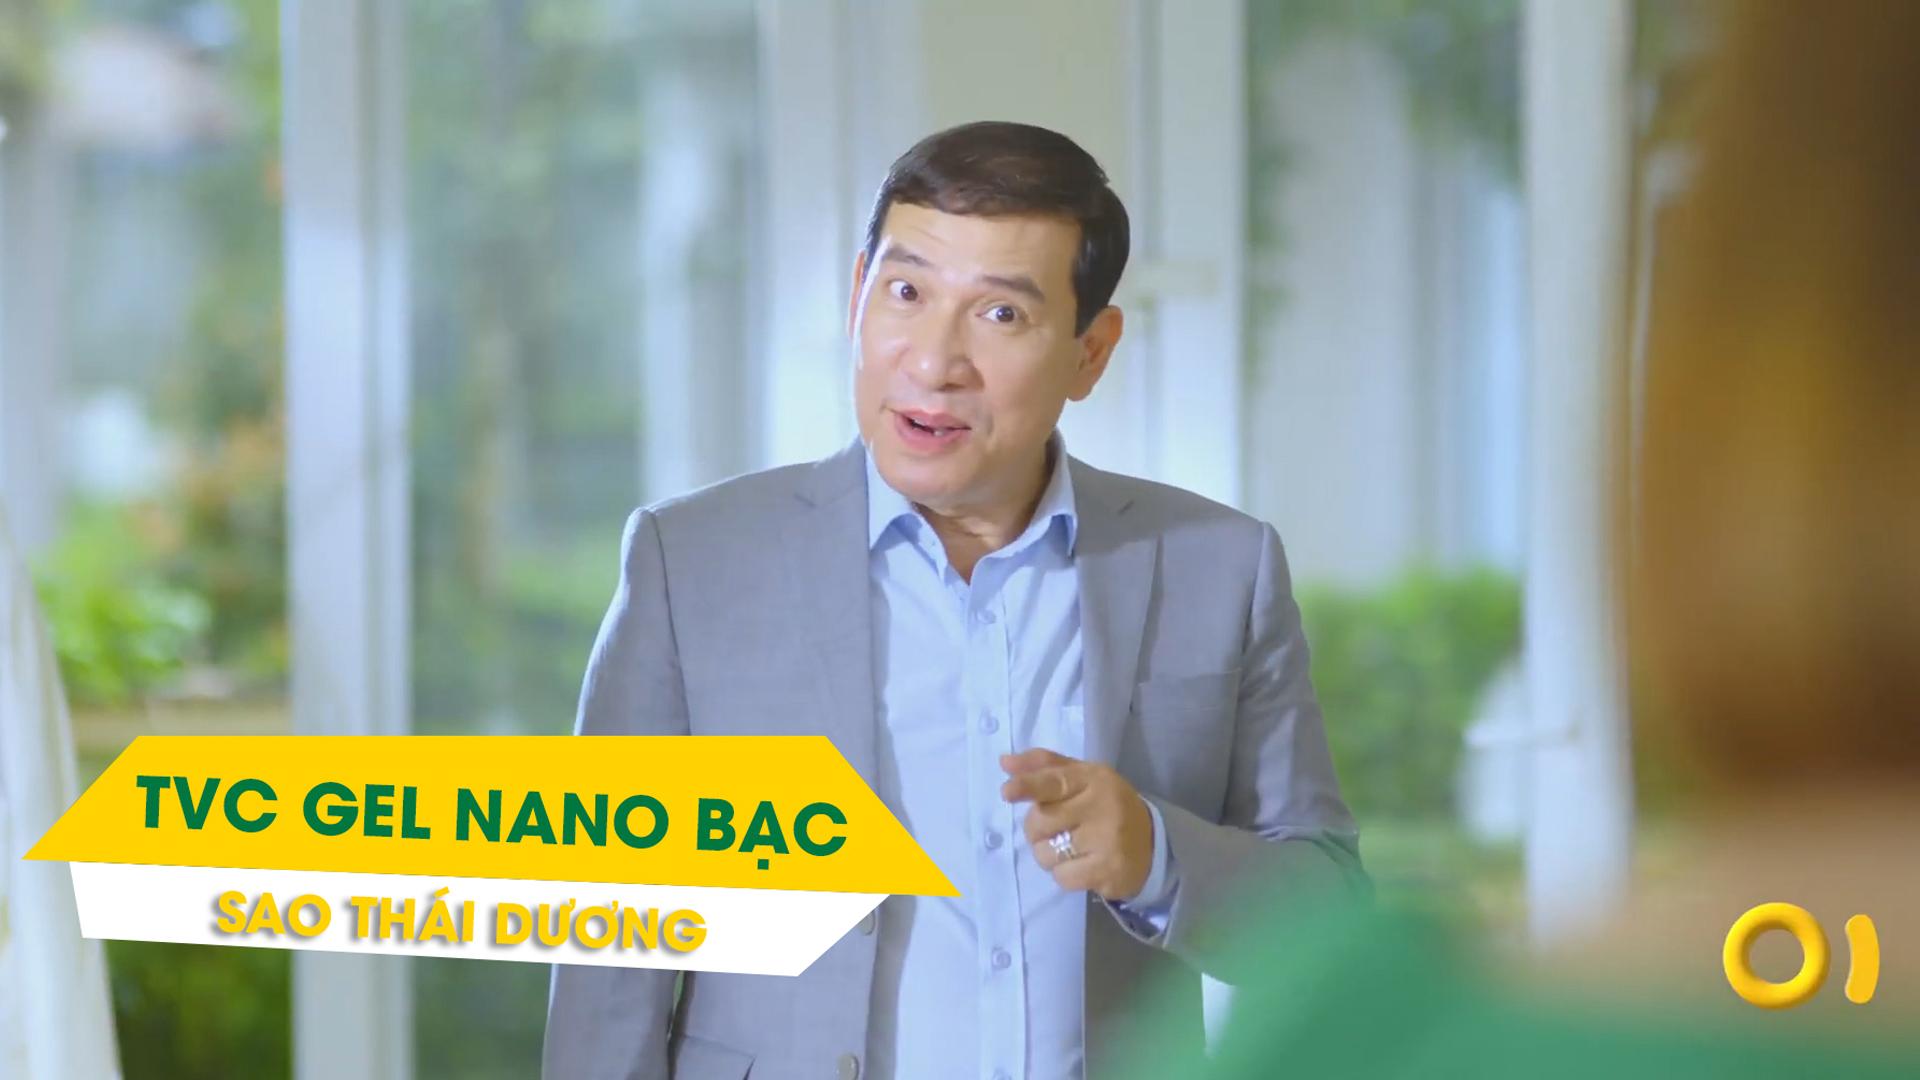 Cùng diễn viên hài Quang Thắng làm TVC Gel Nano Bạc - Sao Thái Dương